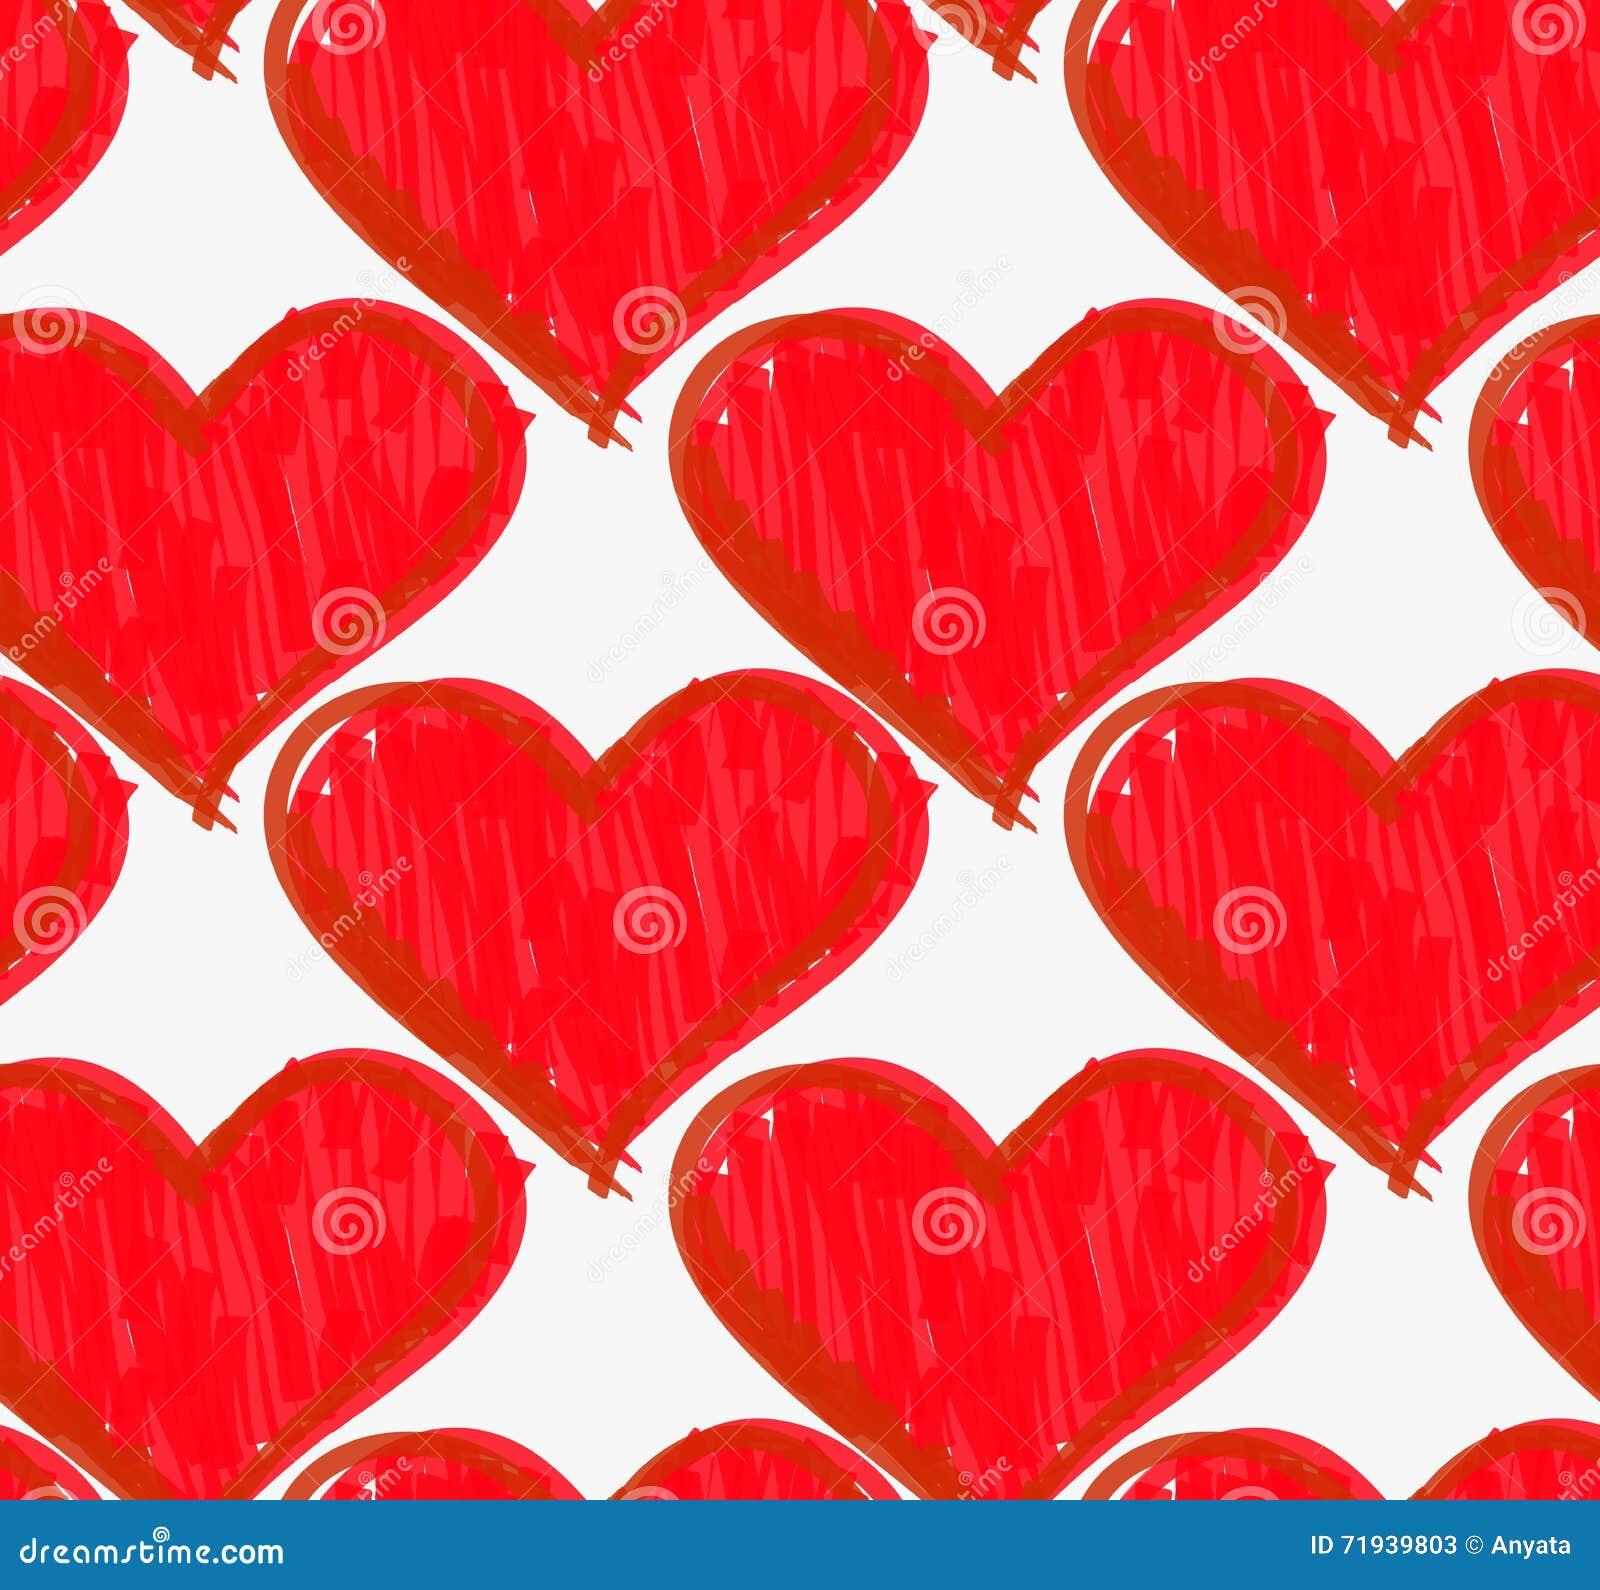 Нарисованные отметкой сердца насиженные красным цветом